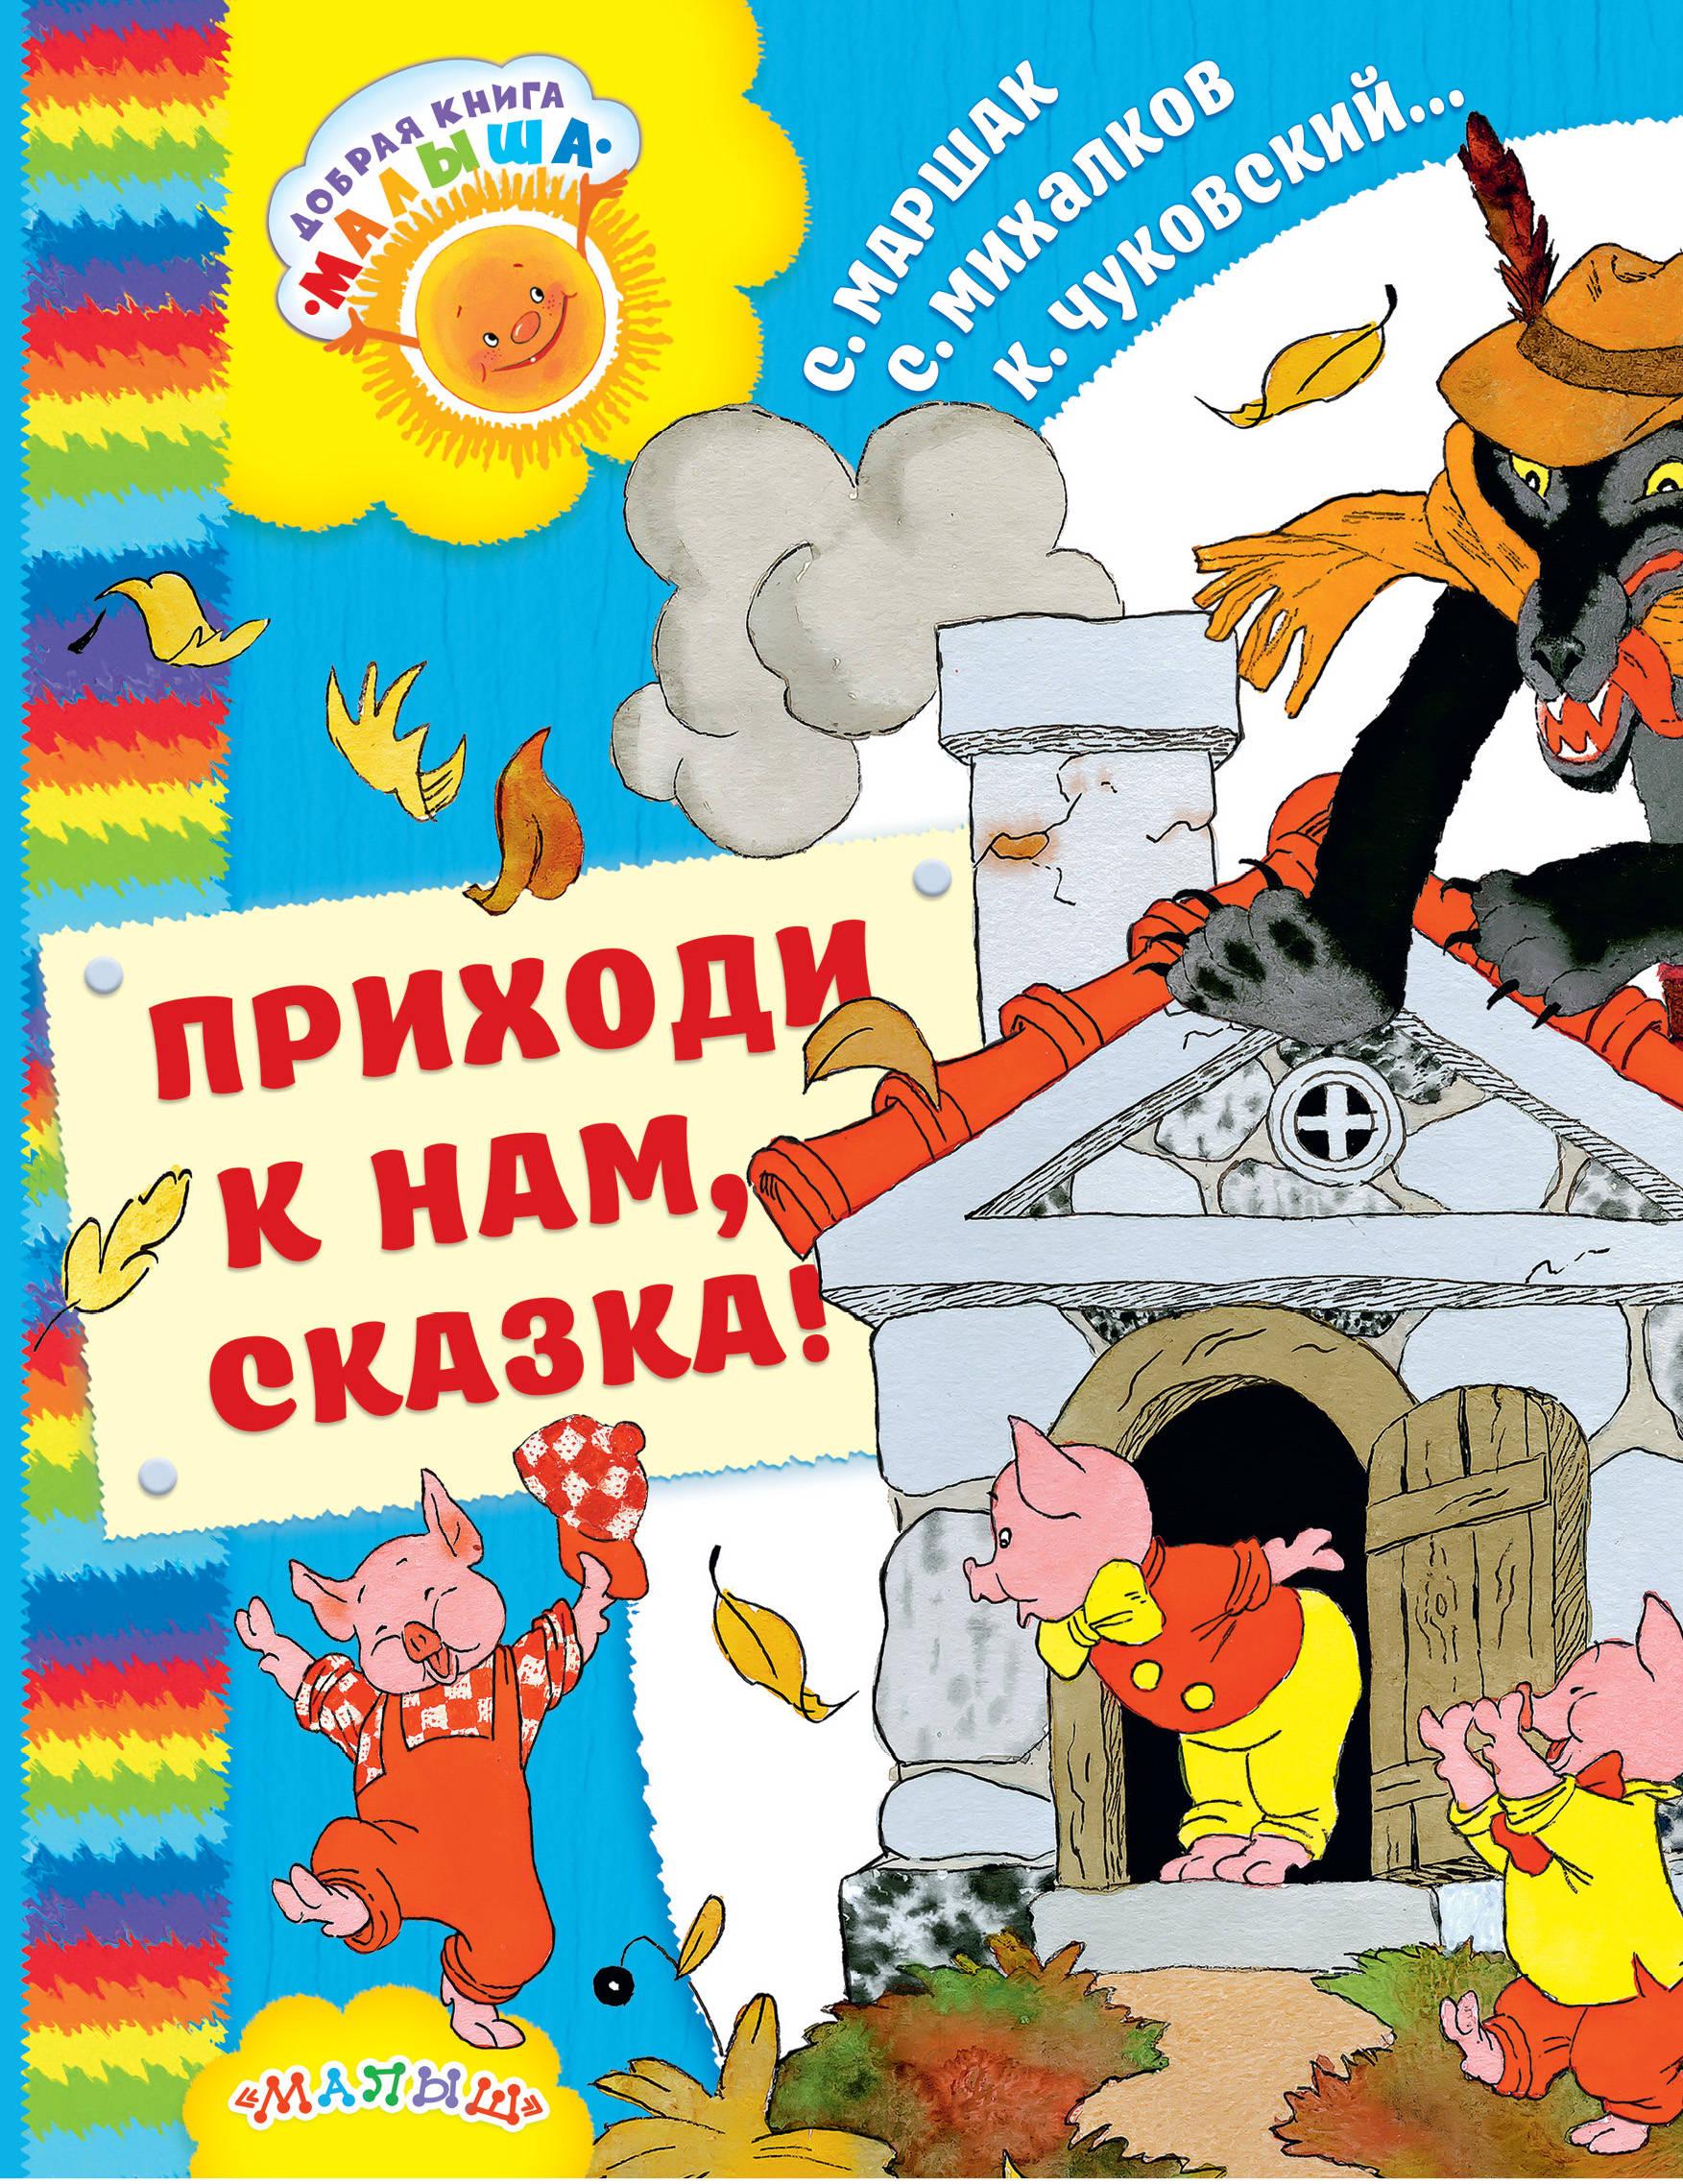 Михалков Сергей Владимирович Приходи к нам, Сказка!